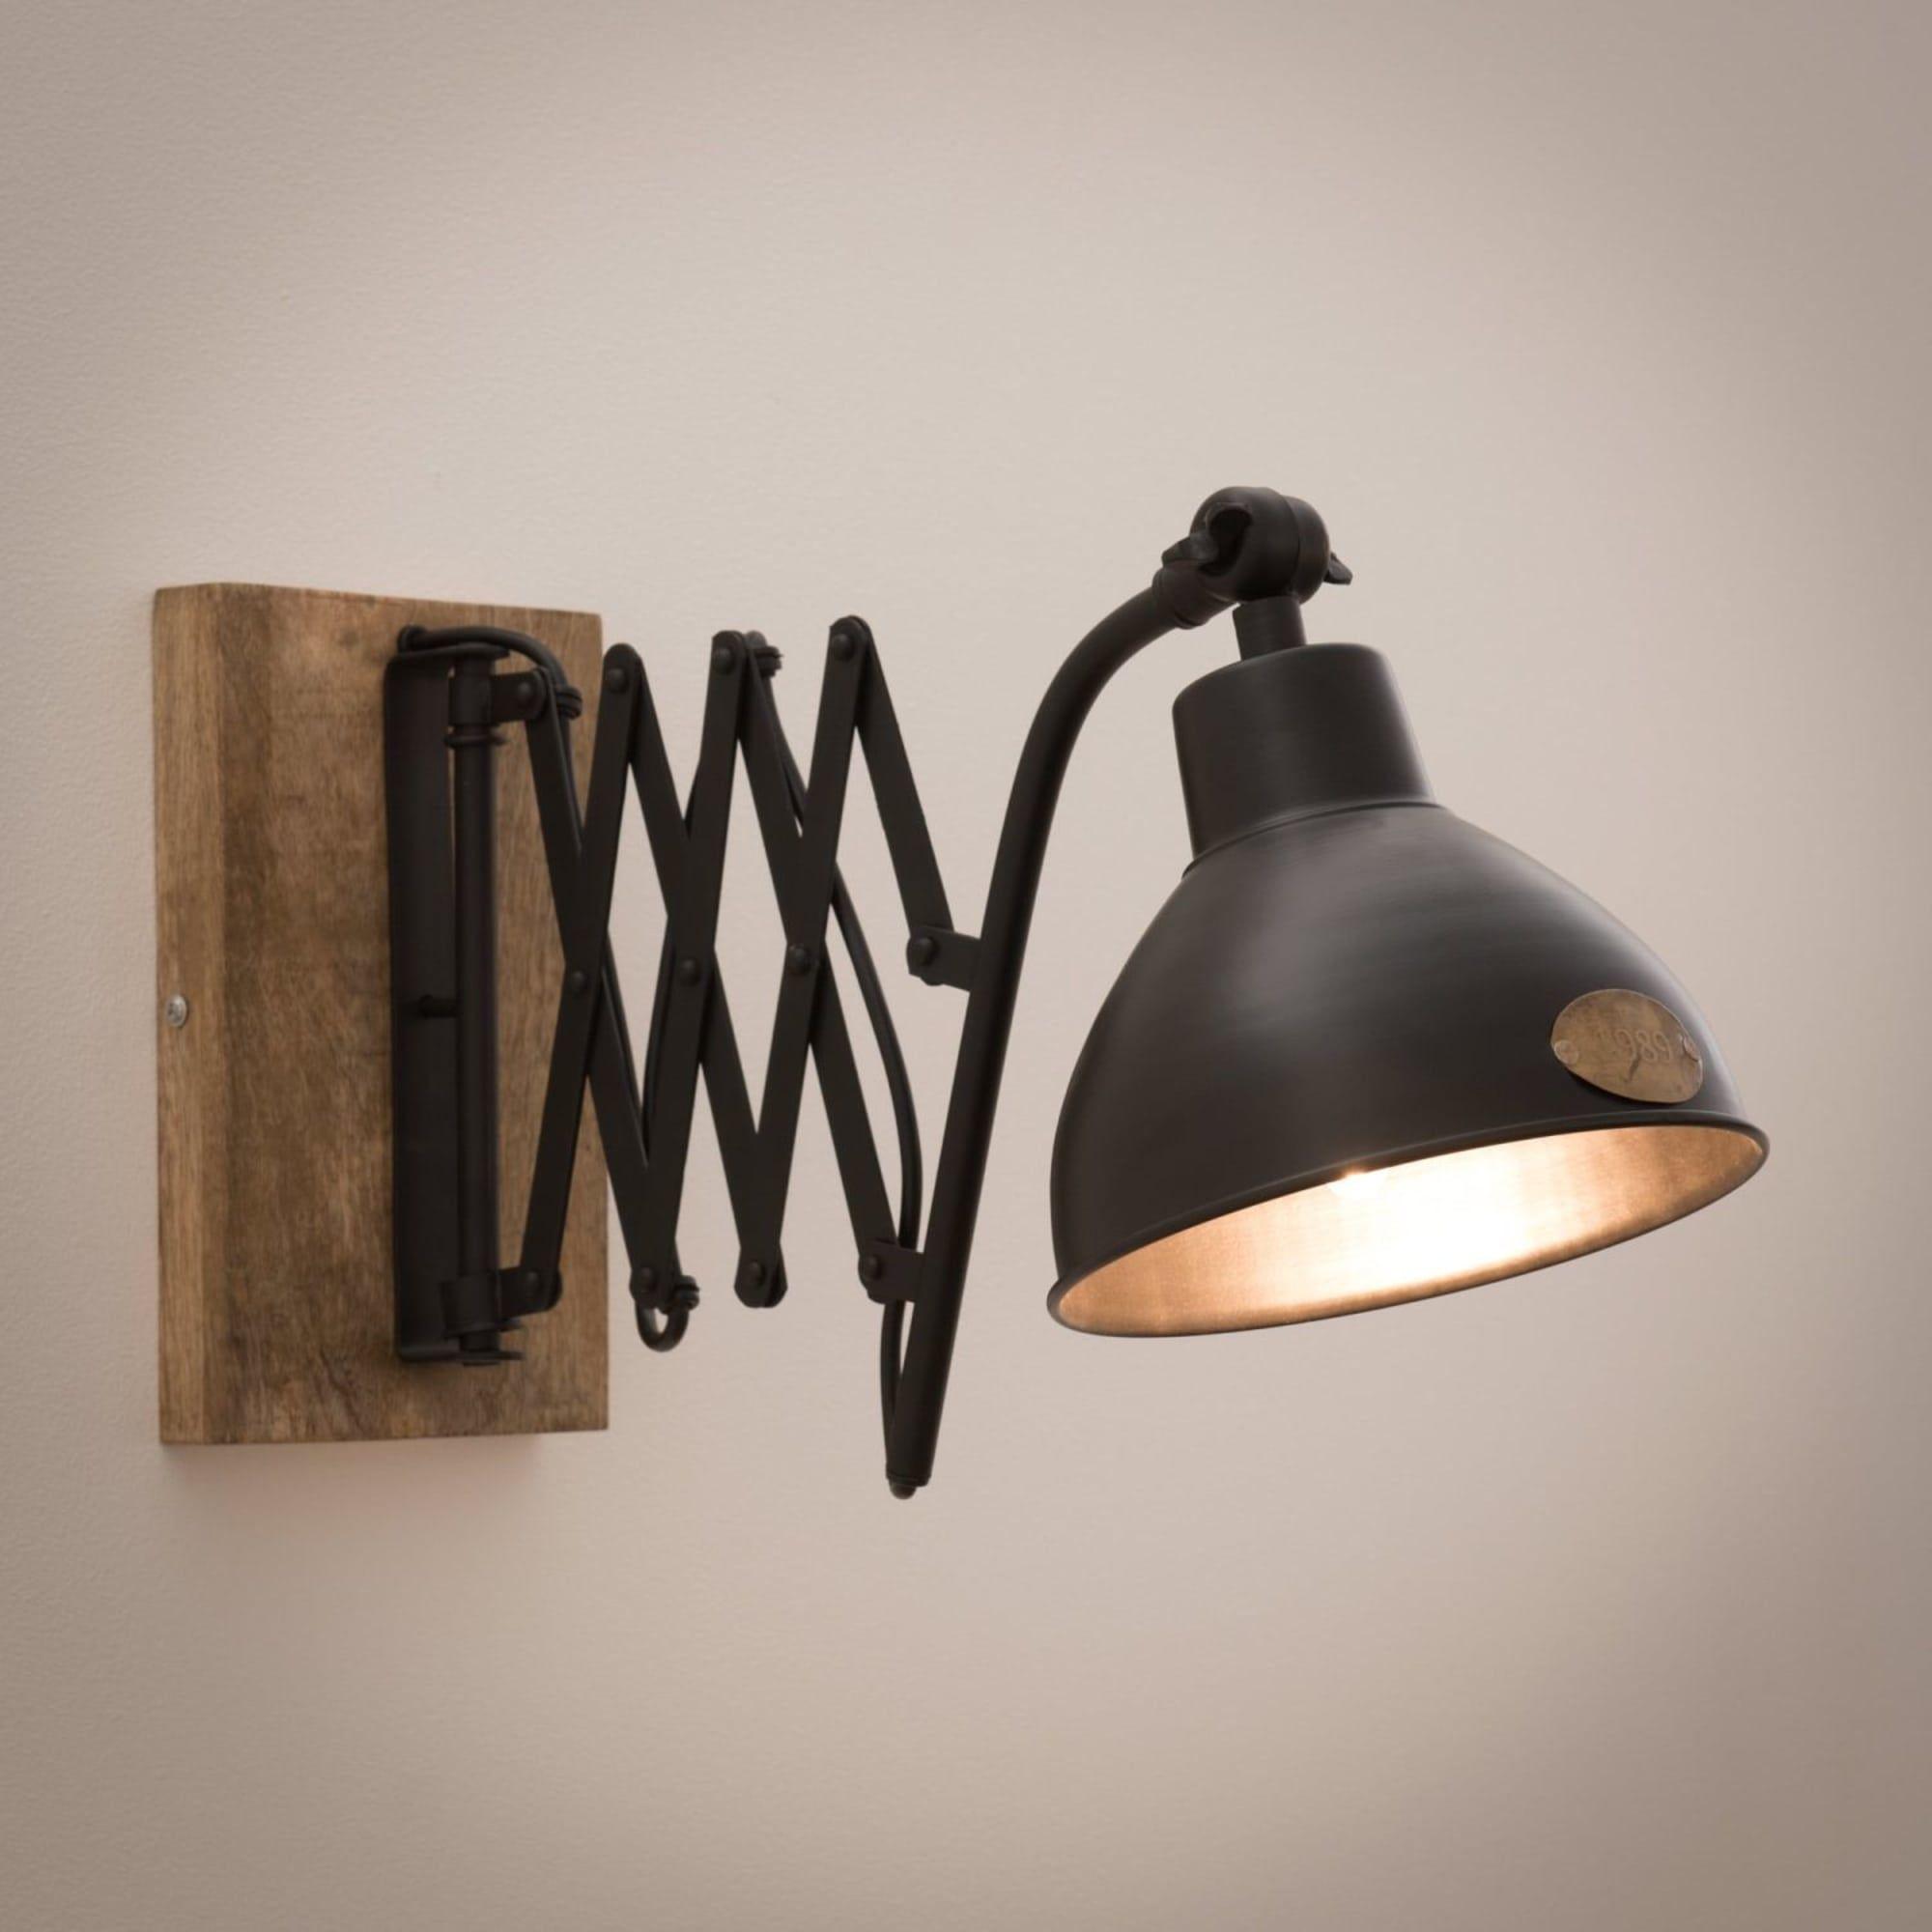 Applique Indus Ajustable En Manguier Et Metal Noir Maisons Du Monde Style Industriel Lampes Noires Lampe Bois